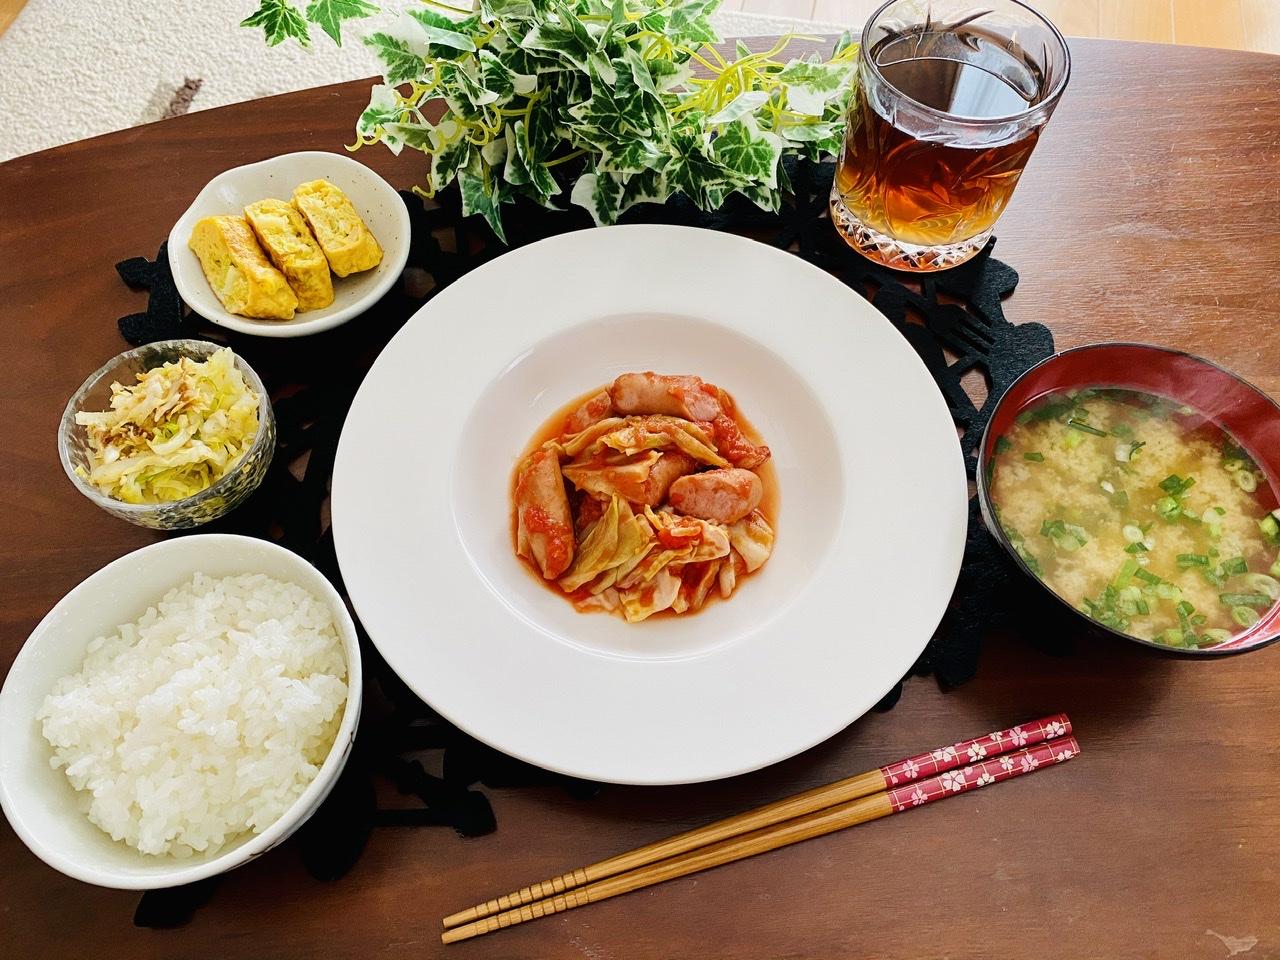 【今月のお家ごはん】アラサー女子の食卓!作り置きおかずでラク晩ご飯♡-Vol.14-_7